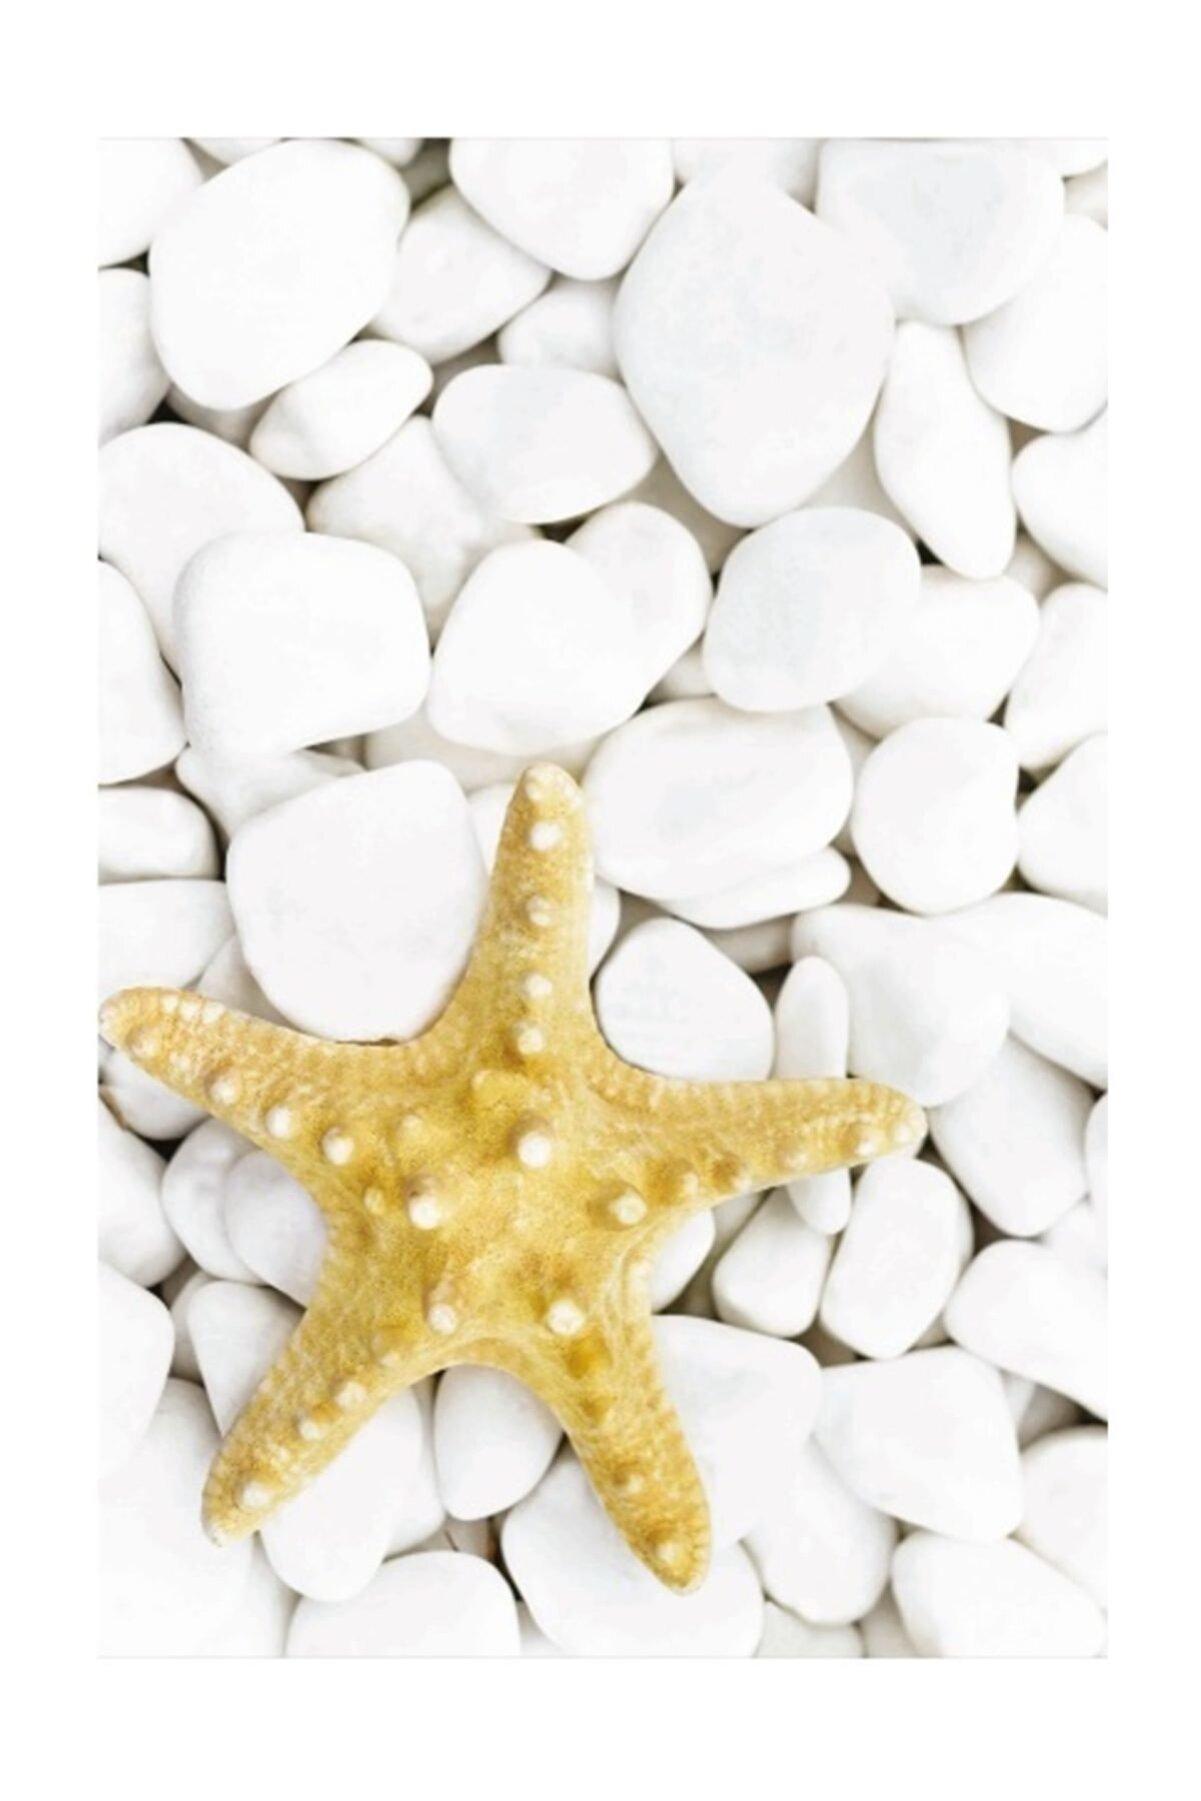 Soley Dijital Yıldız  40x60 Banyo Paspası 0035 01